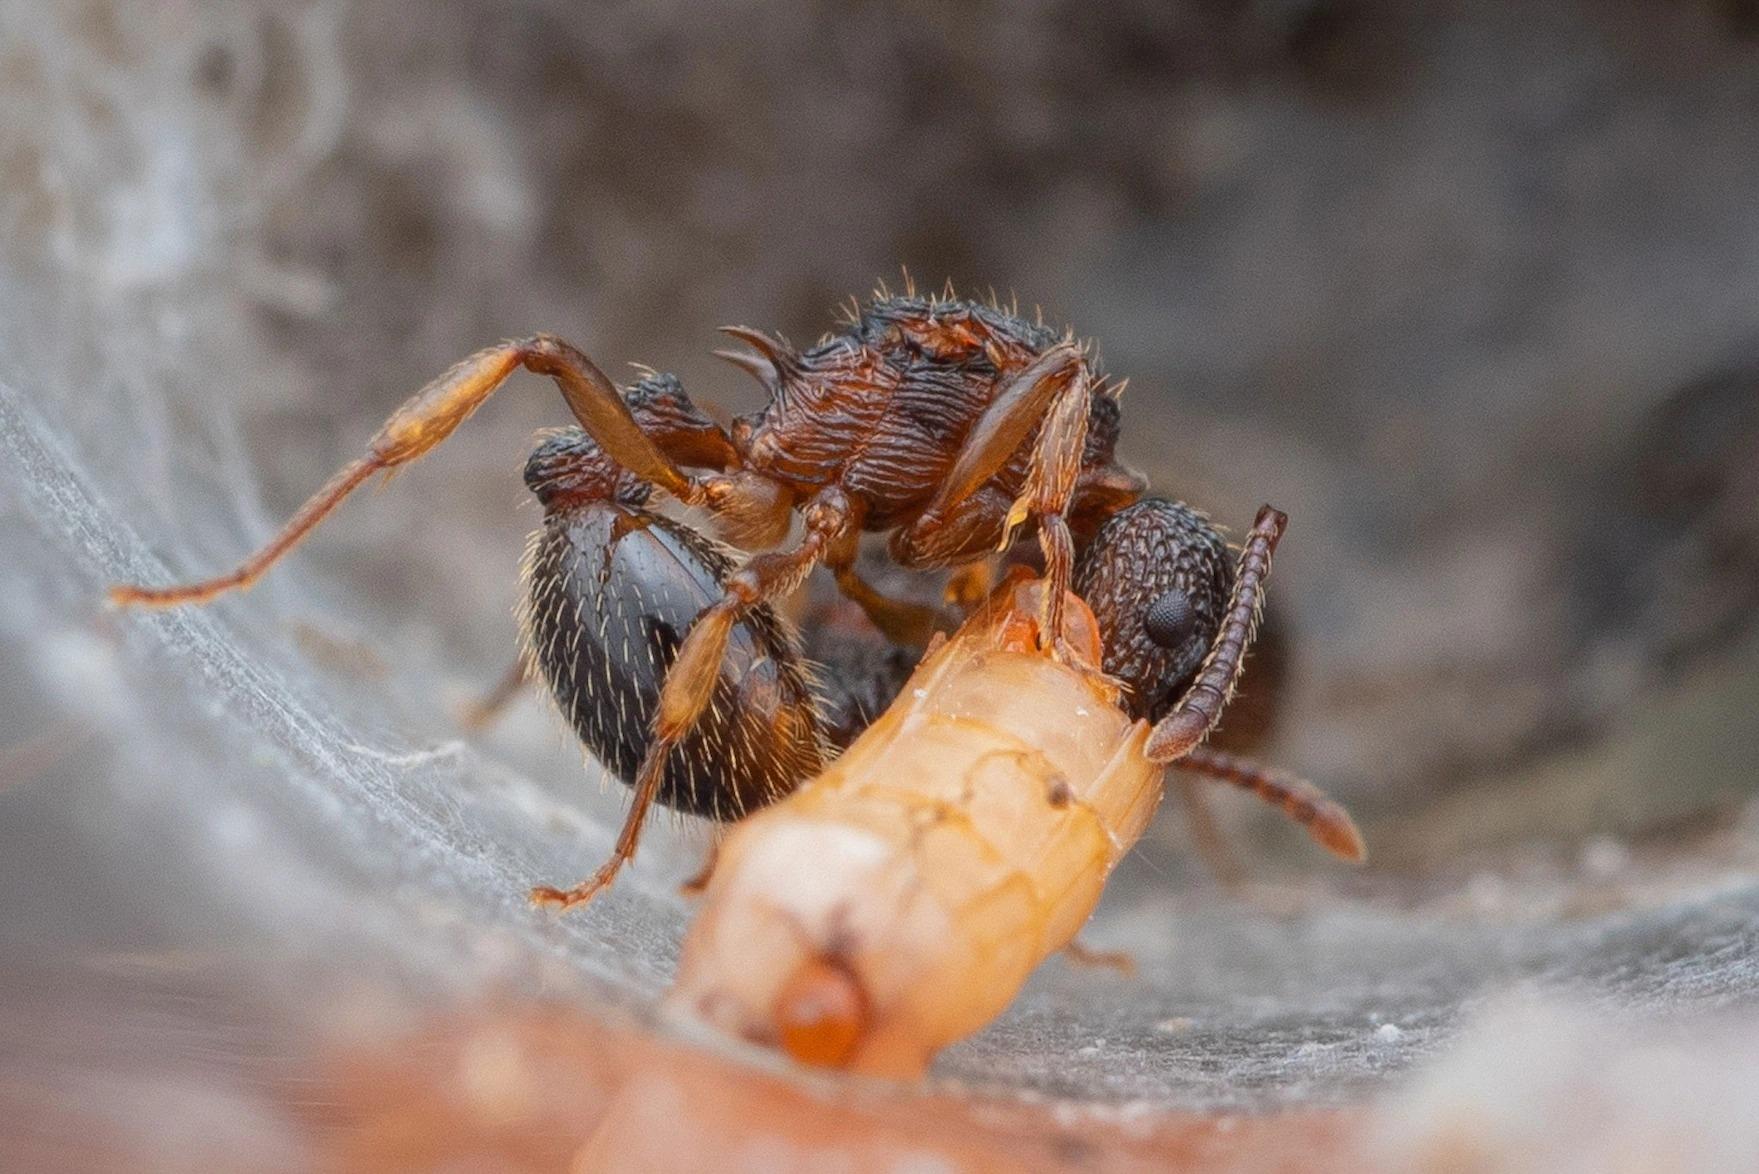 點腹家蟻(Myrmica punctiventris)的蟻后正在試管中吃著小條的麵包蟲。PHOTOGRAPH BY MAX HIKE